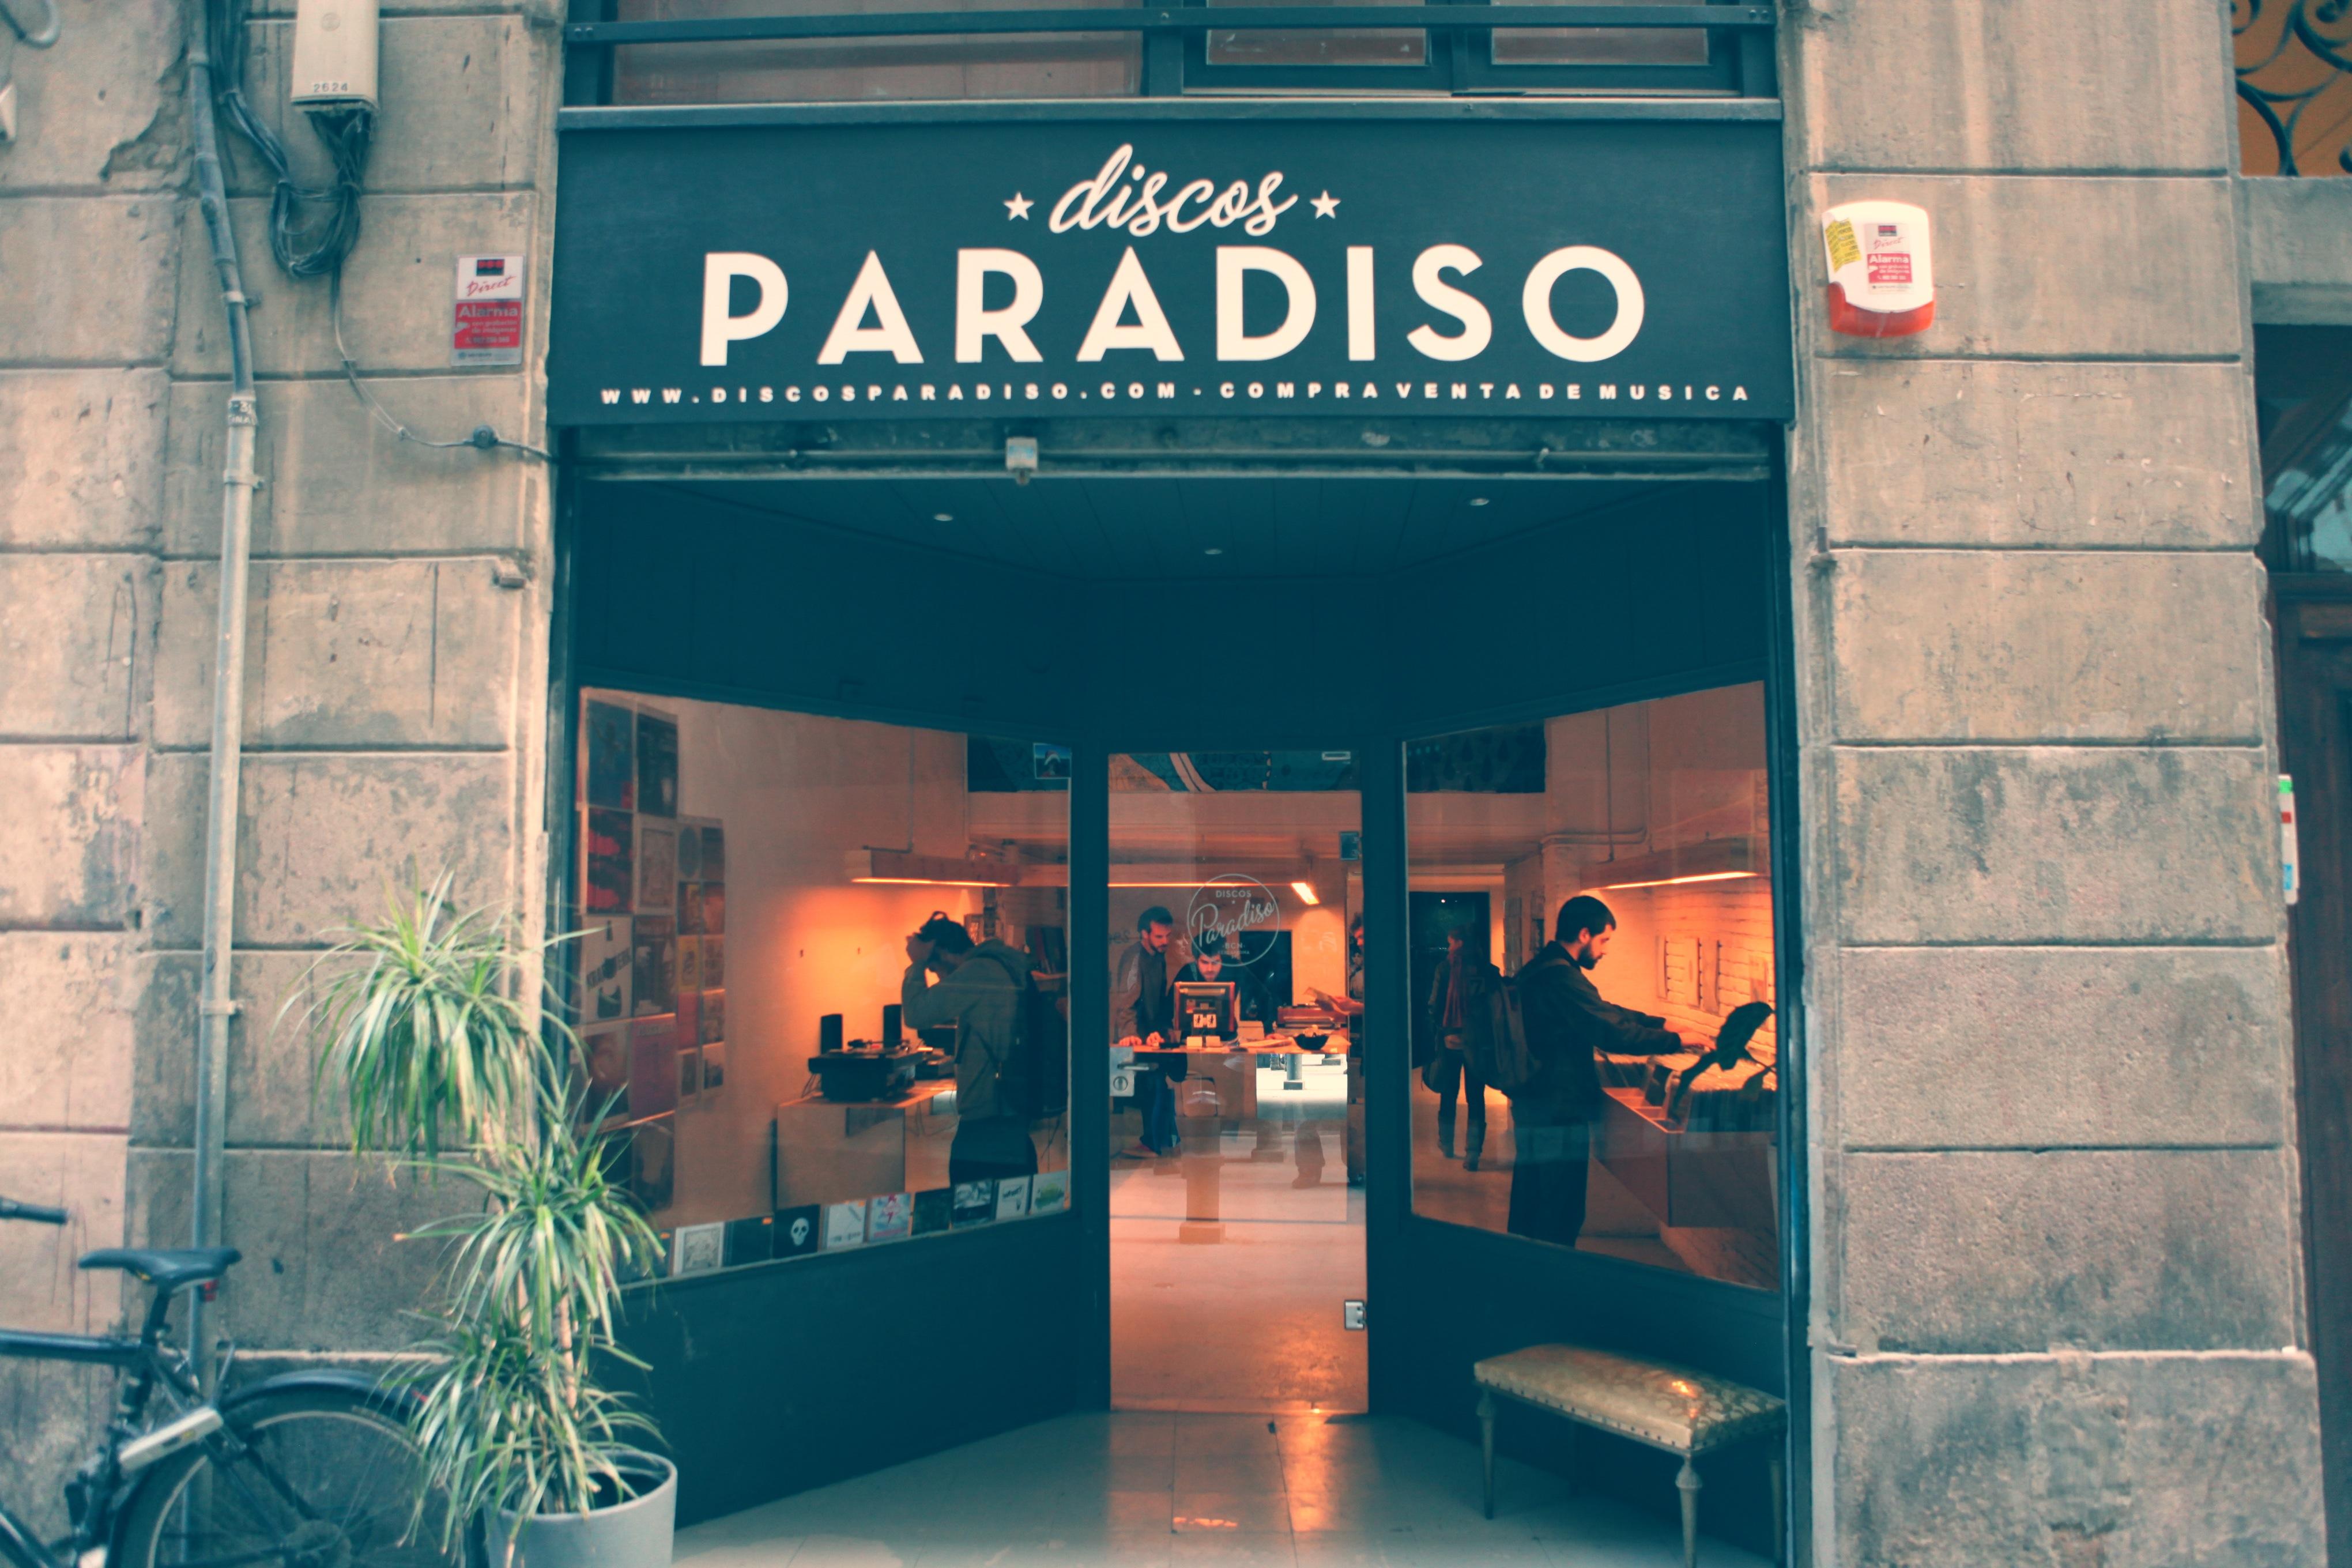 discos paradiso barcelona